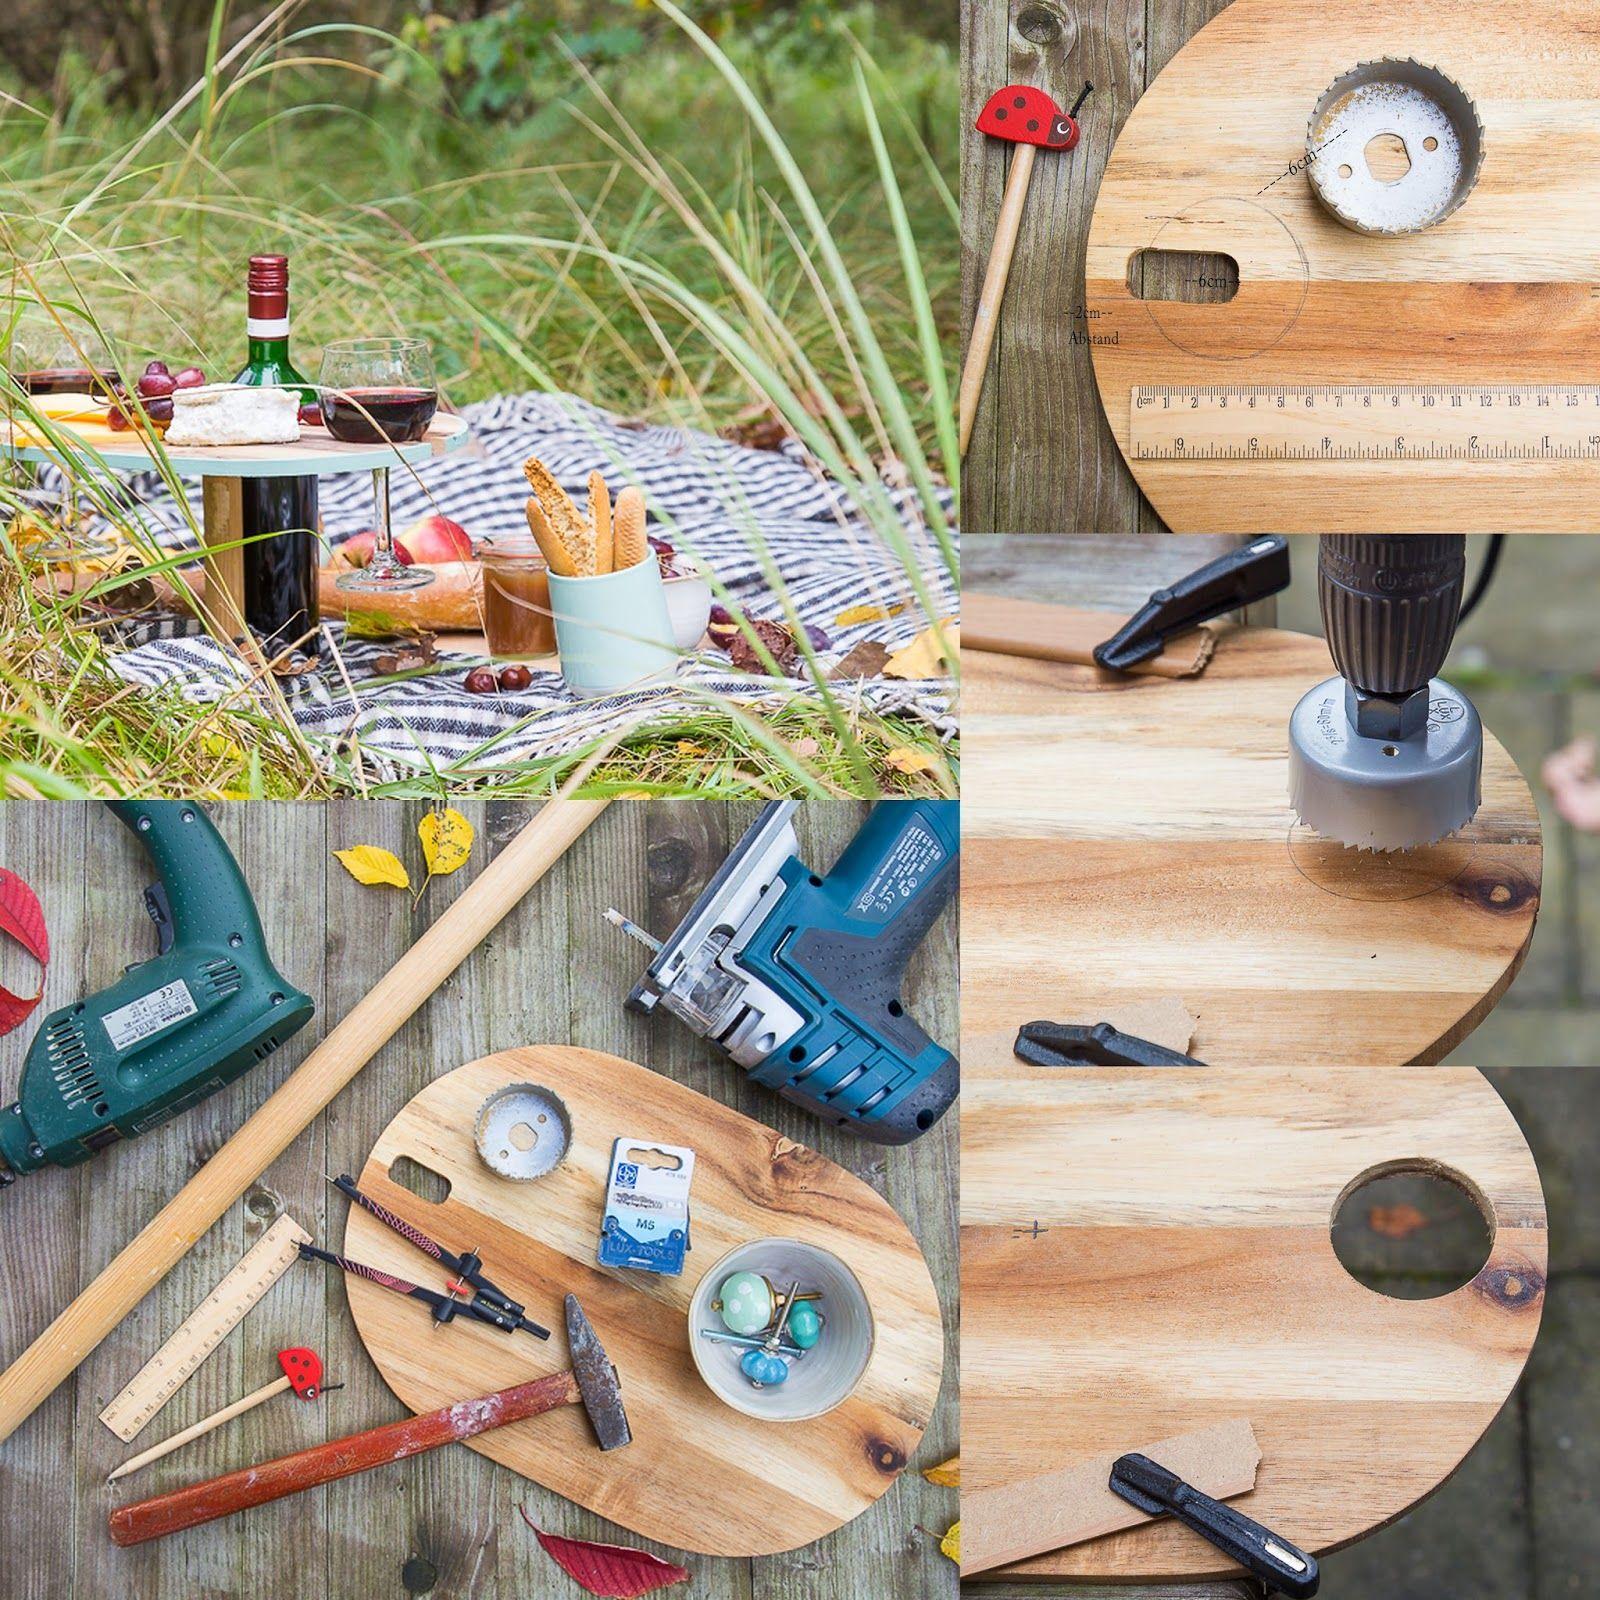 * dieser Beitrag enthält Werbung für Blanchet Nun stellt Euch mal folgendes Szenario vor: ihr möchtet mit Euren Liebsten ein Picknick ...